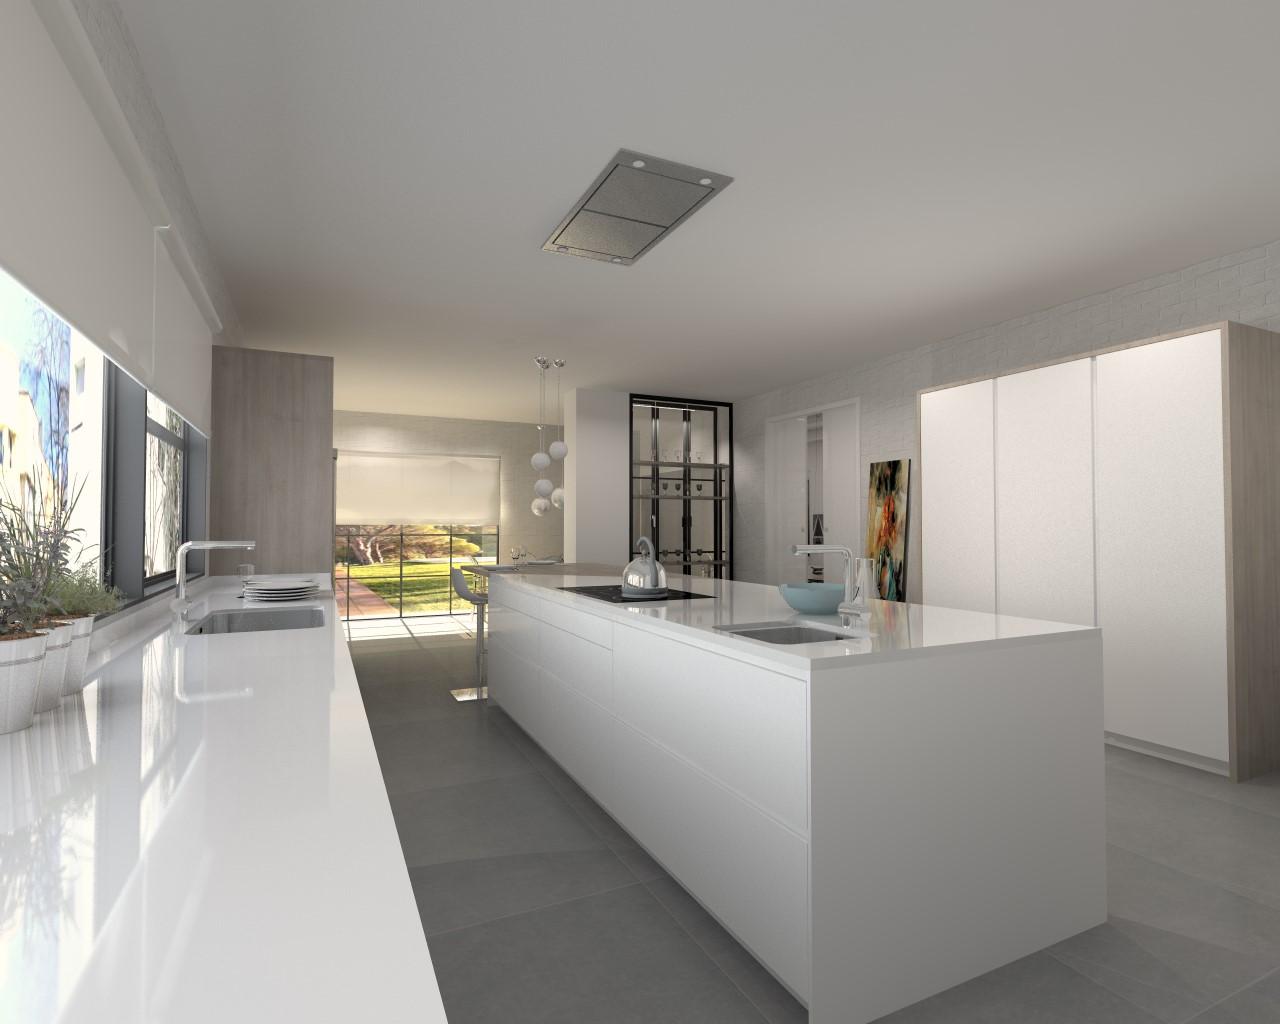 Una cocina de inspiraci n n rdica docrys cocinas for Cocina nordica canal cocina